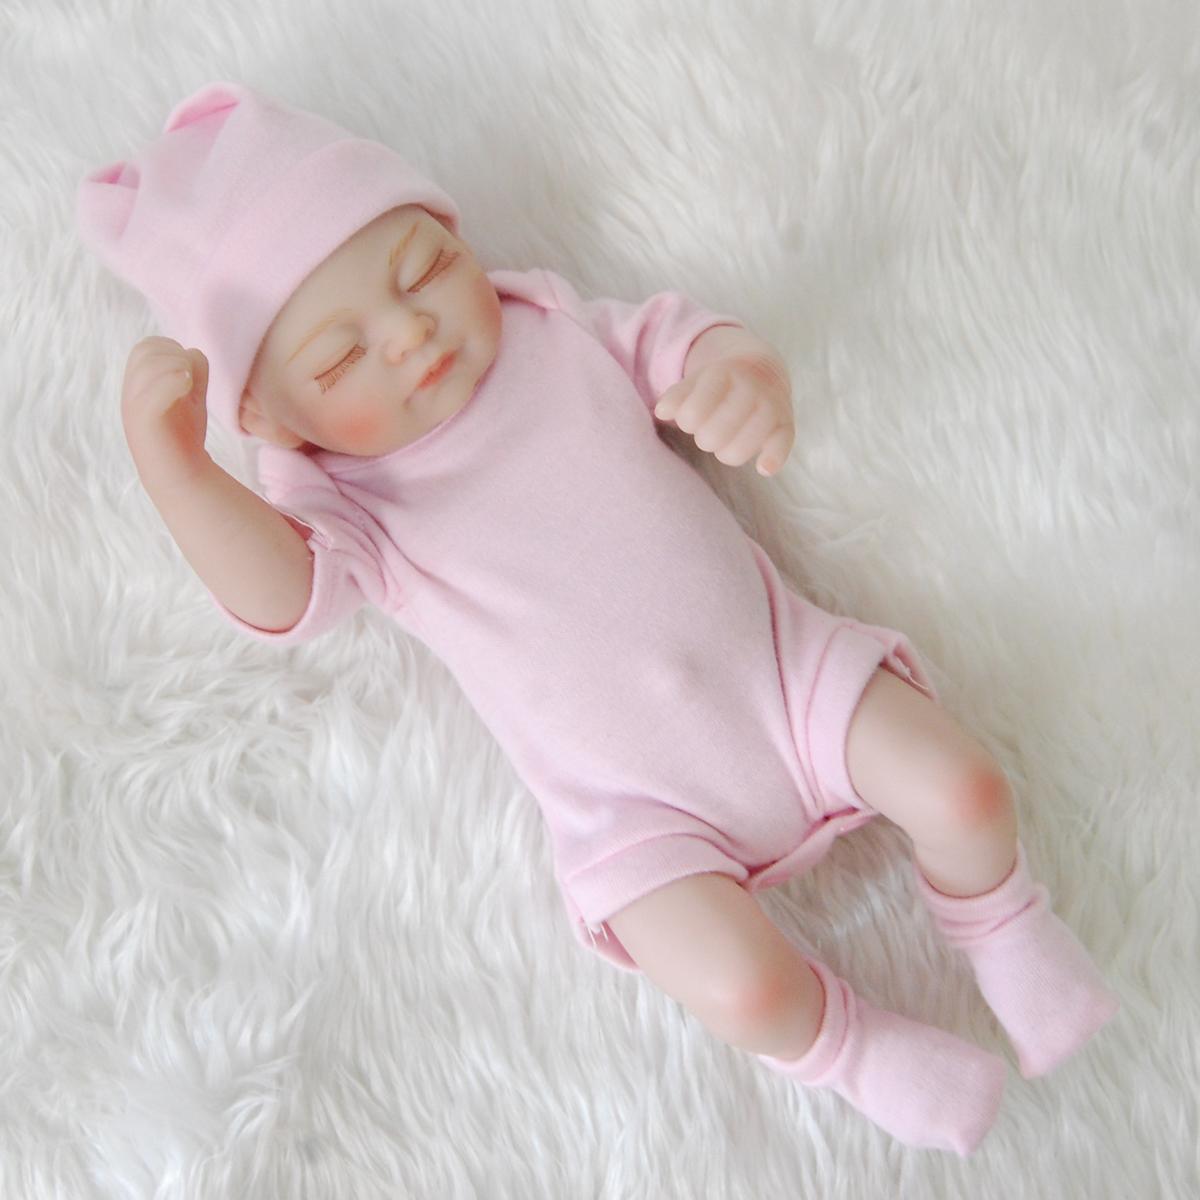 Realistica vinile in silicone completo neonato RINATO BABY GIRL DOLL HANDMADE MINI babies